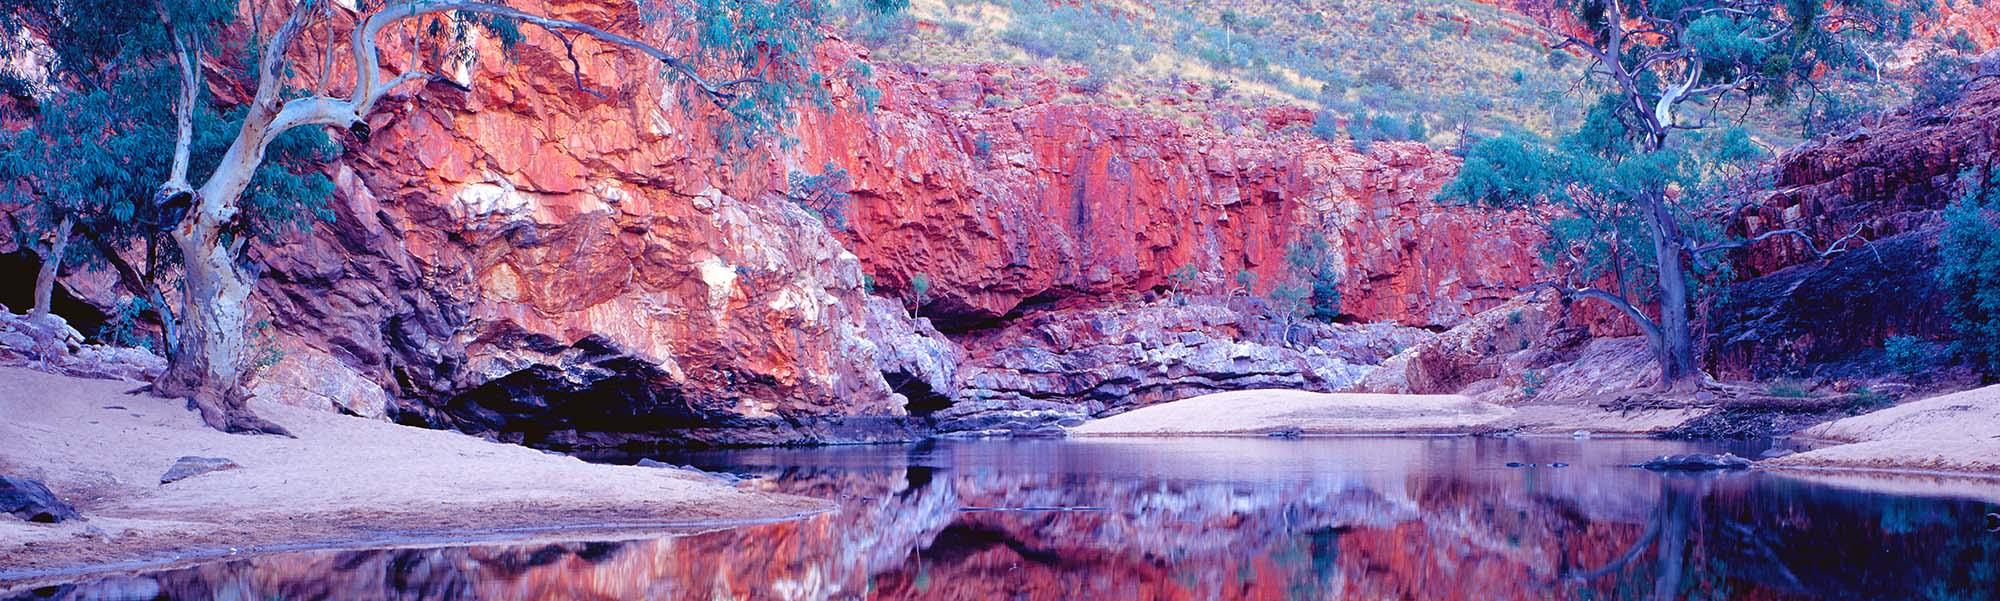 Australian Landscapes